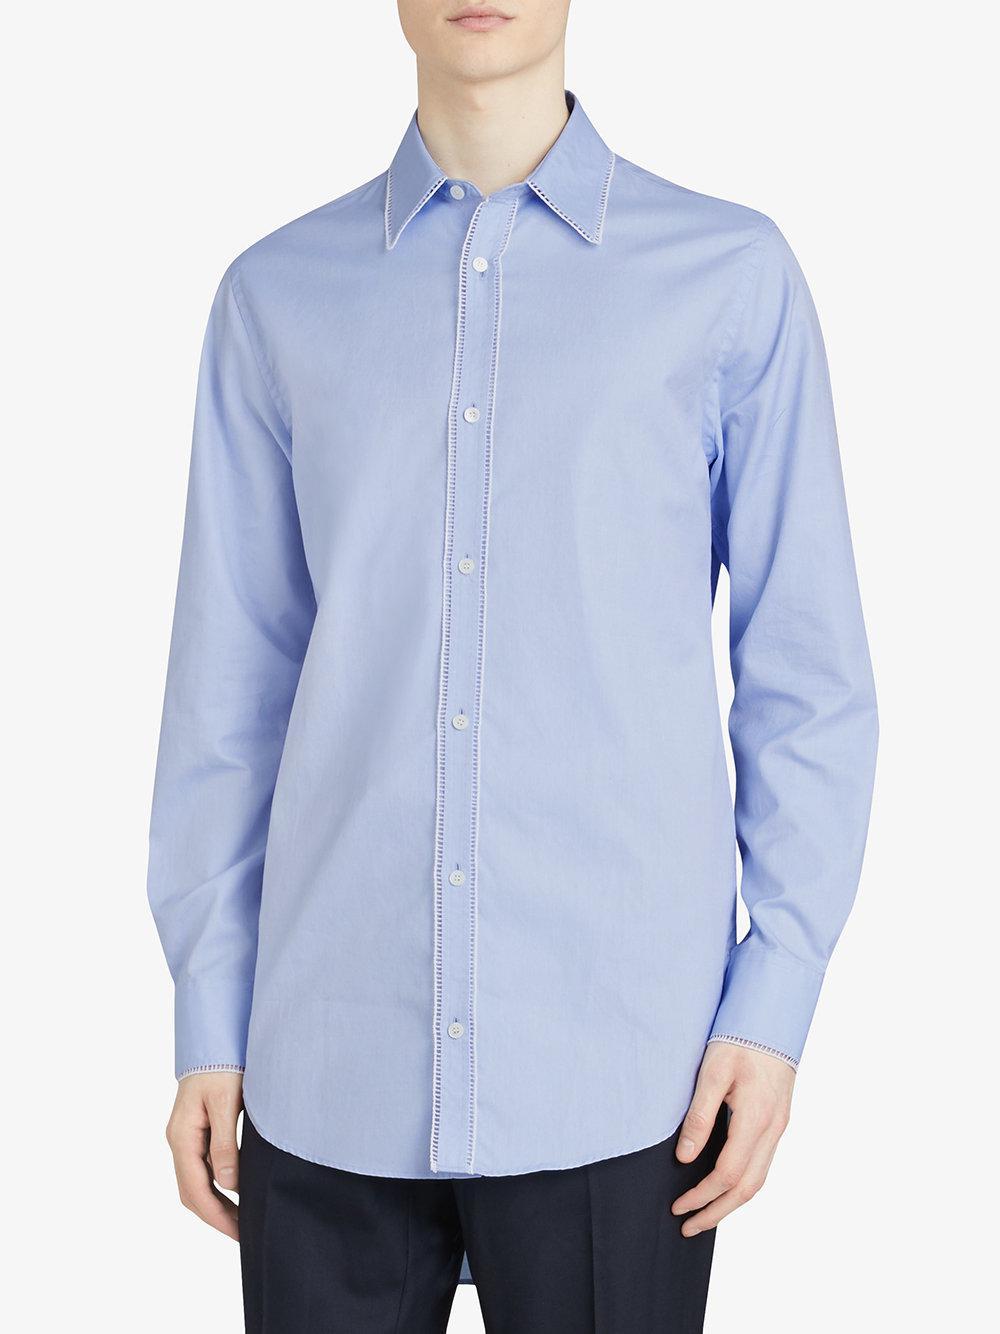 de bordado Burberry algodón azul con Camisa borde Oxford 5qHpxP